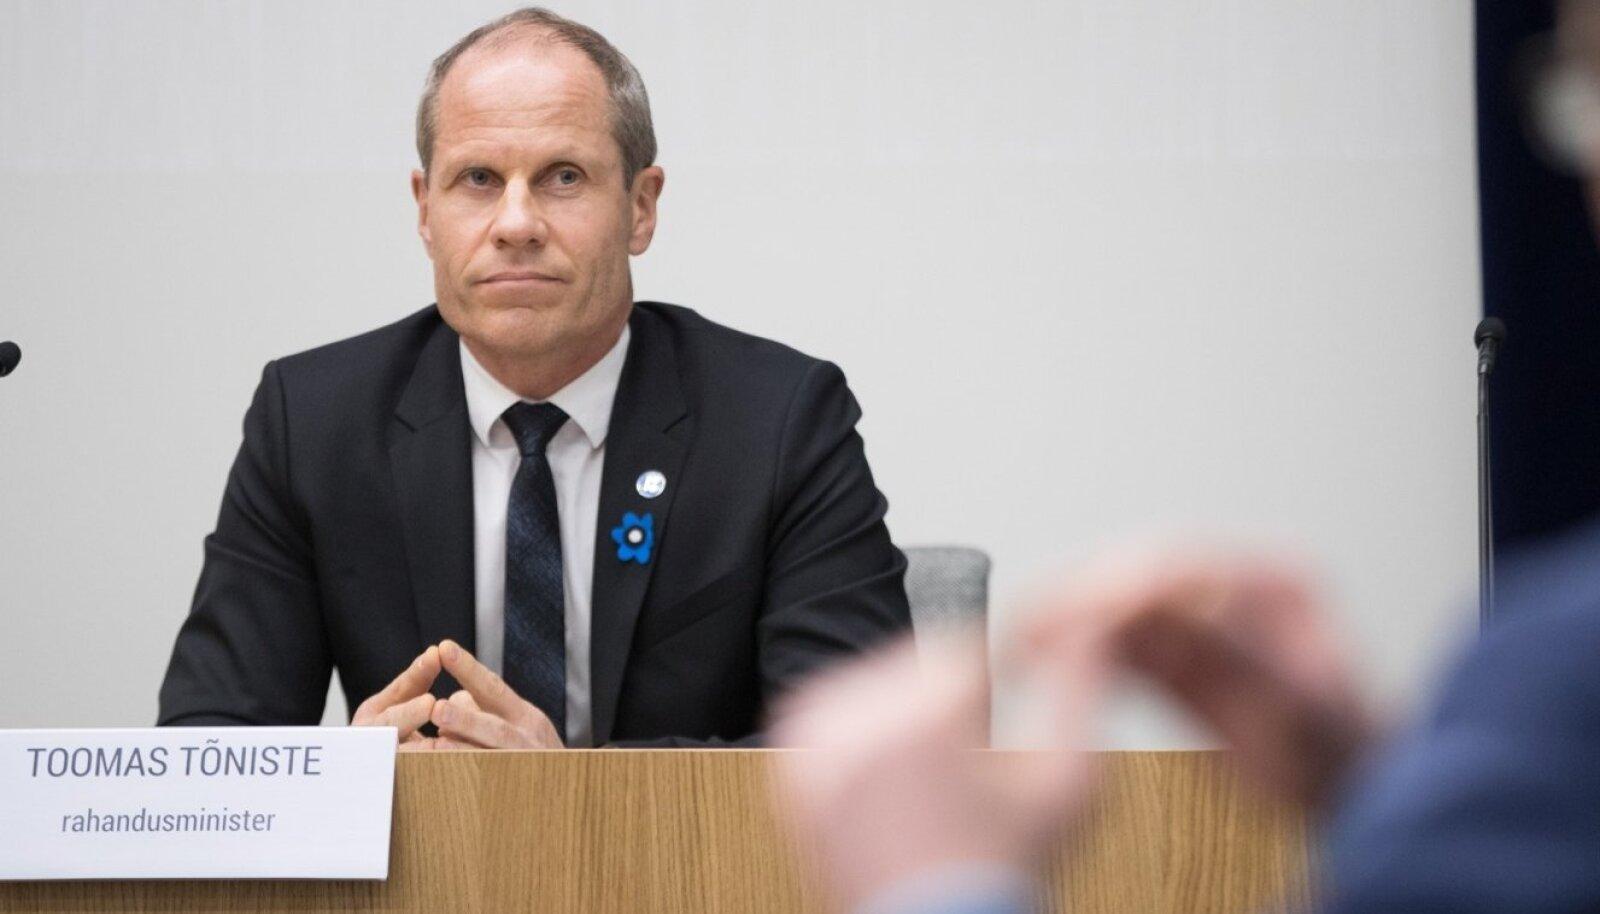 Rahandusminister Toomas Tõniste tegi valitsusele ettepaneku eraldada Vabariigi Valitsuse reservist majandus- ja kommunikatsiooniministeeriumile miljon eurot maade võõrandamiseks.